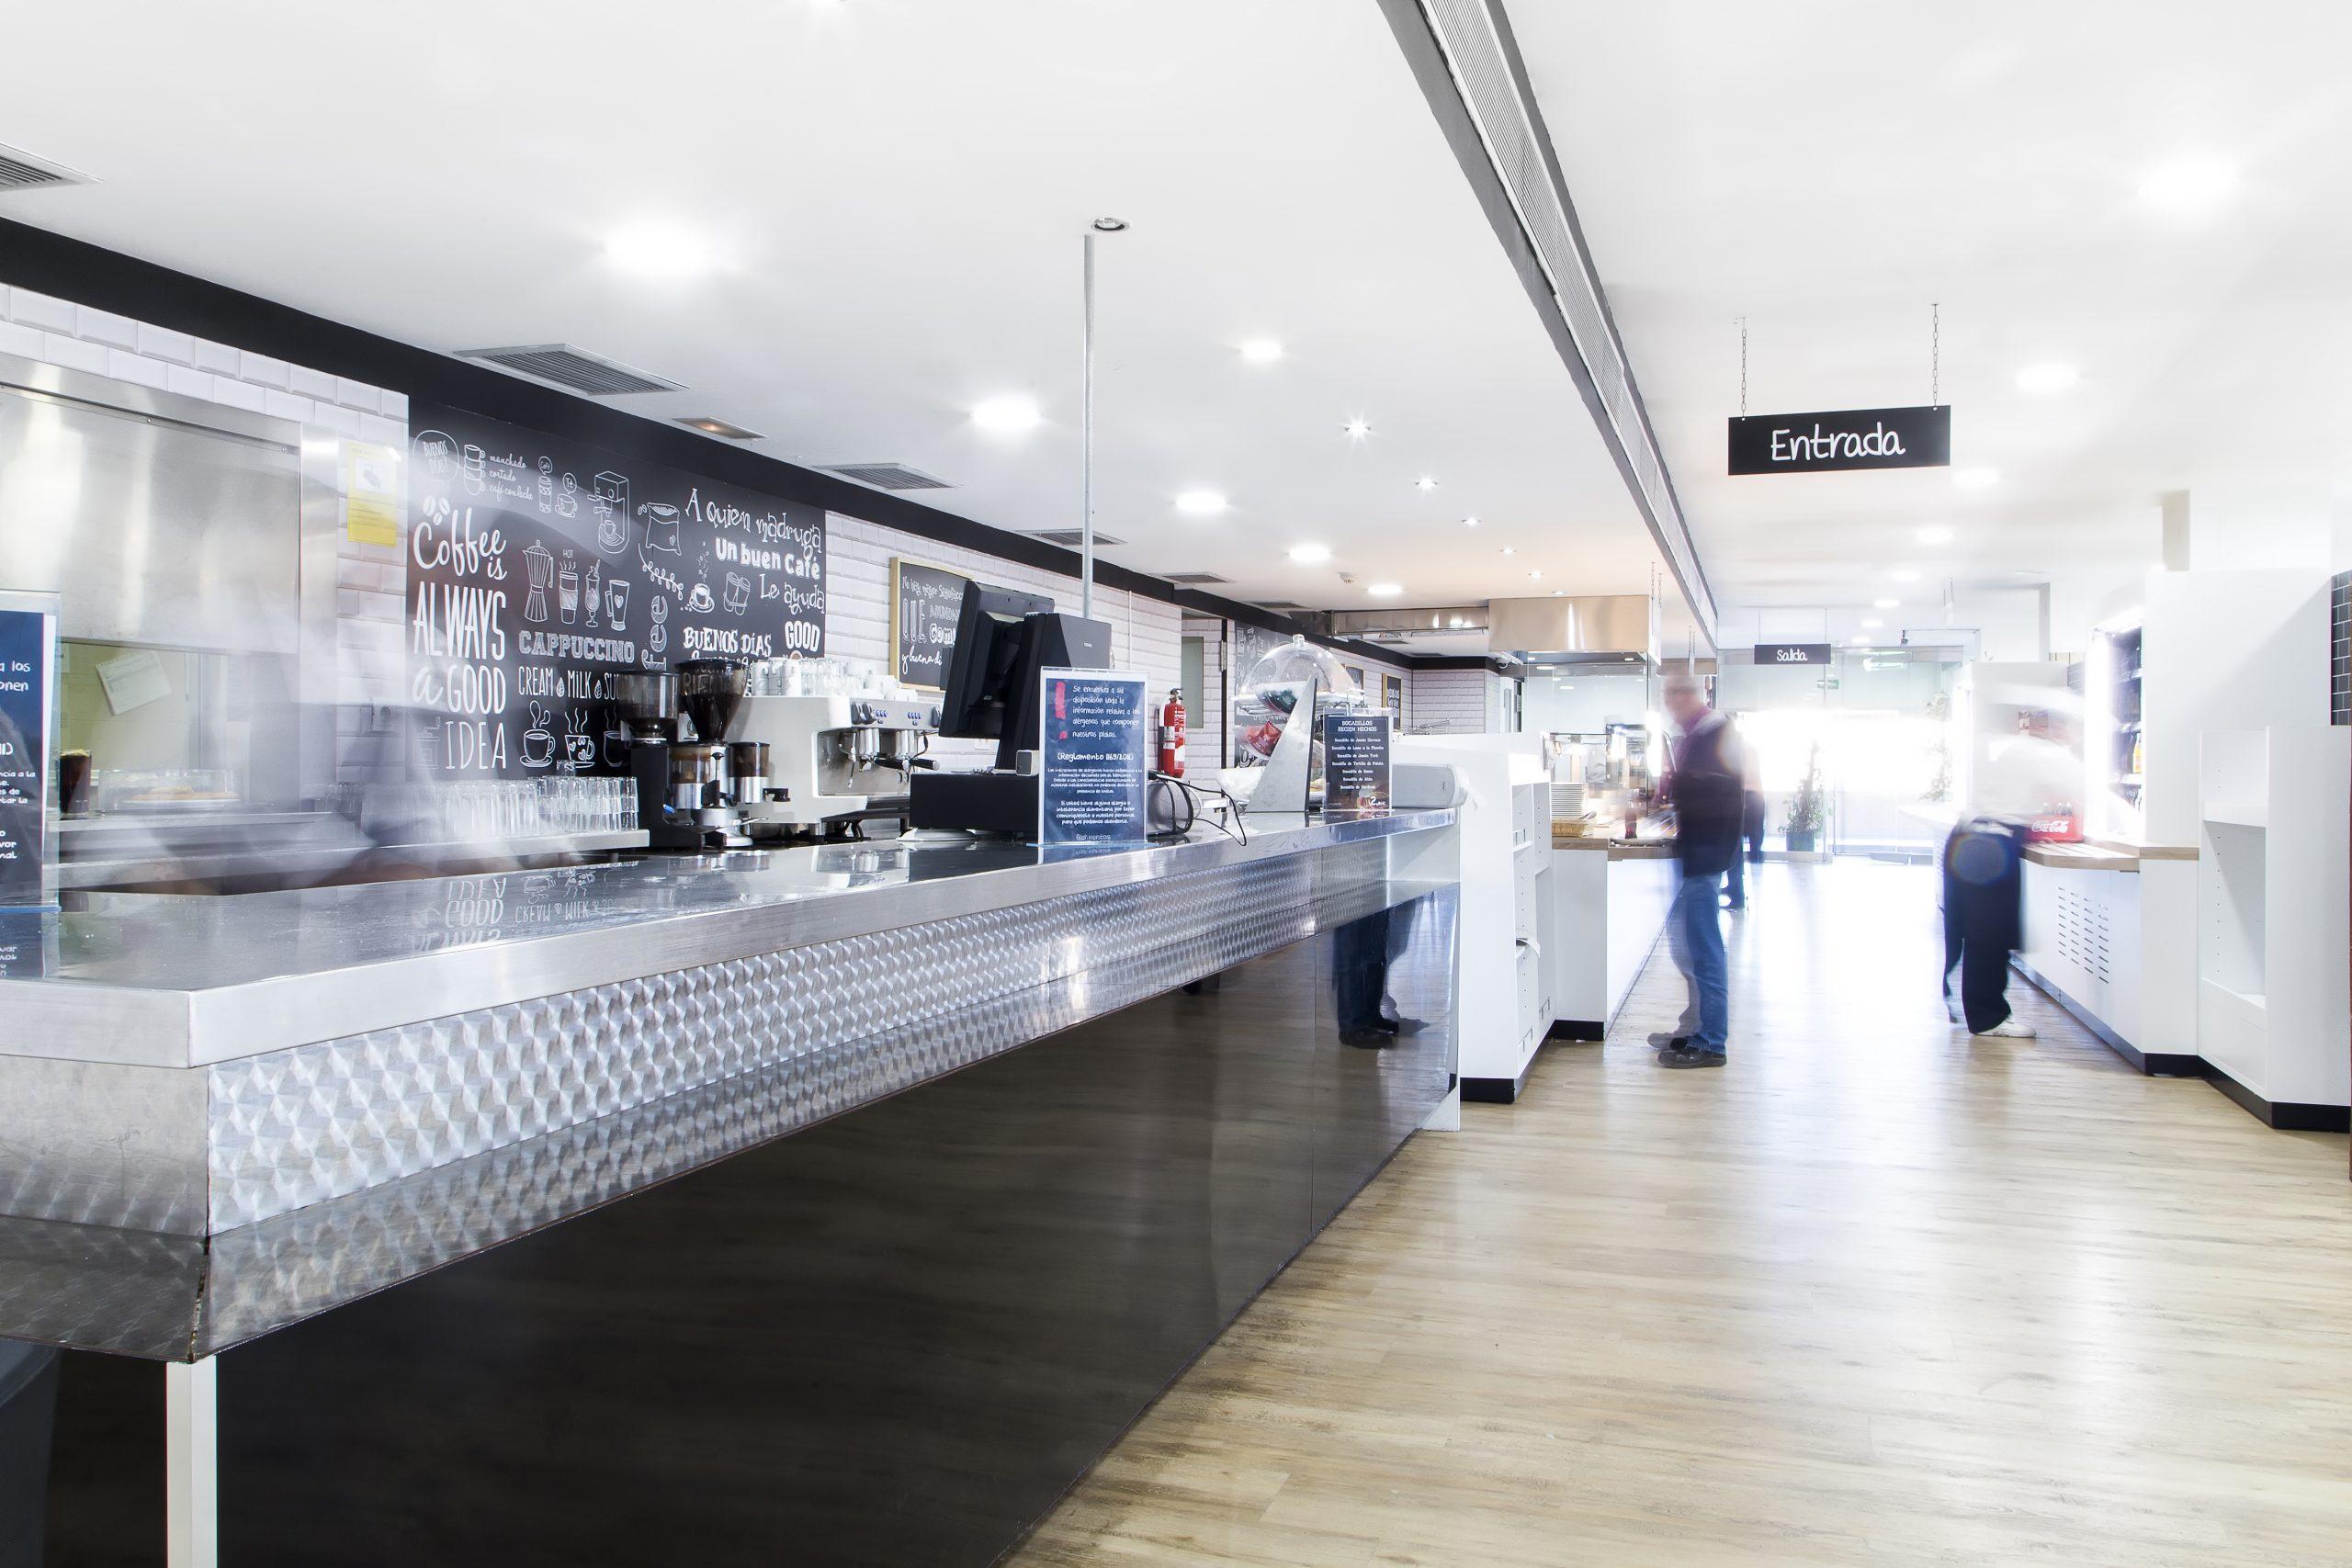 Mediterránea reabre el 100% las cafeterías hospitalarias